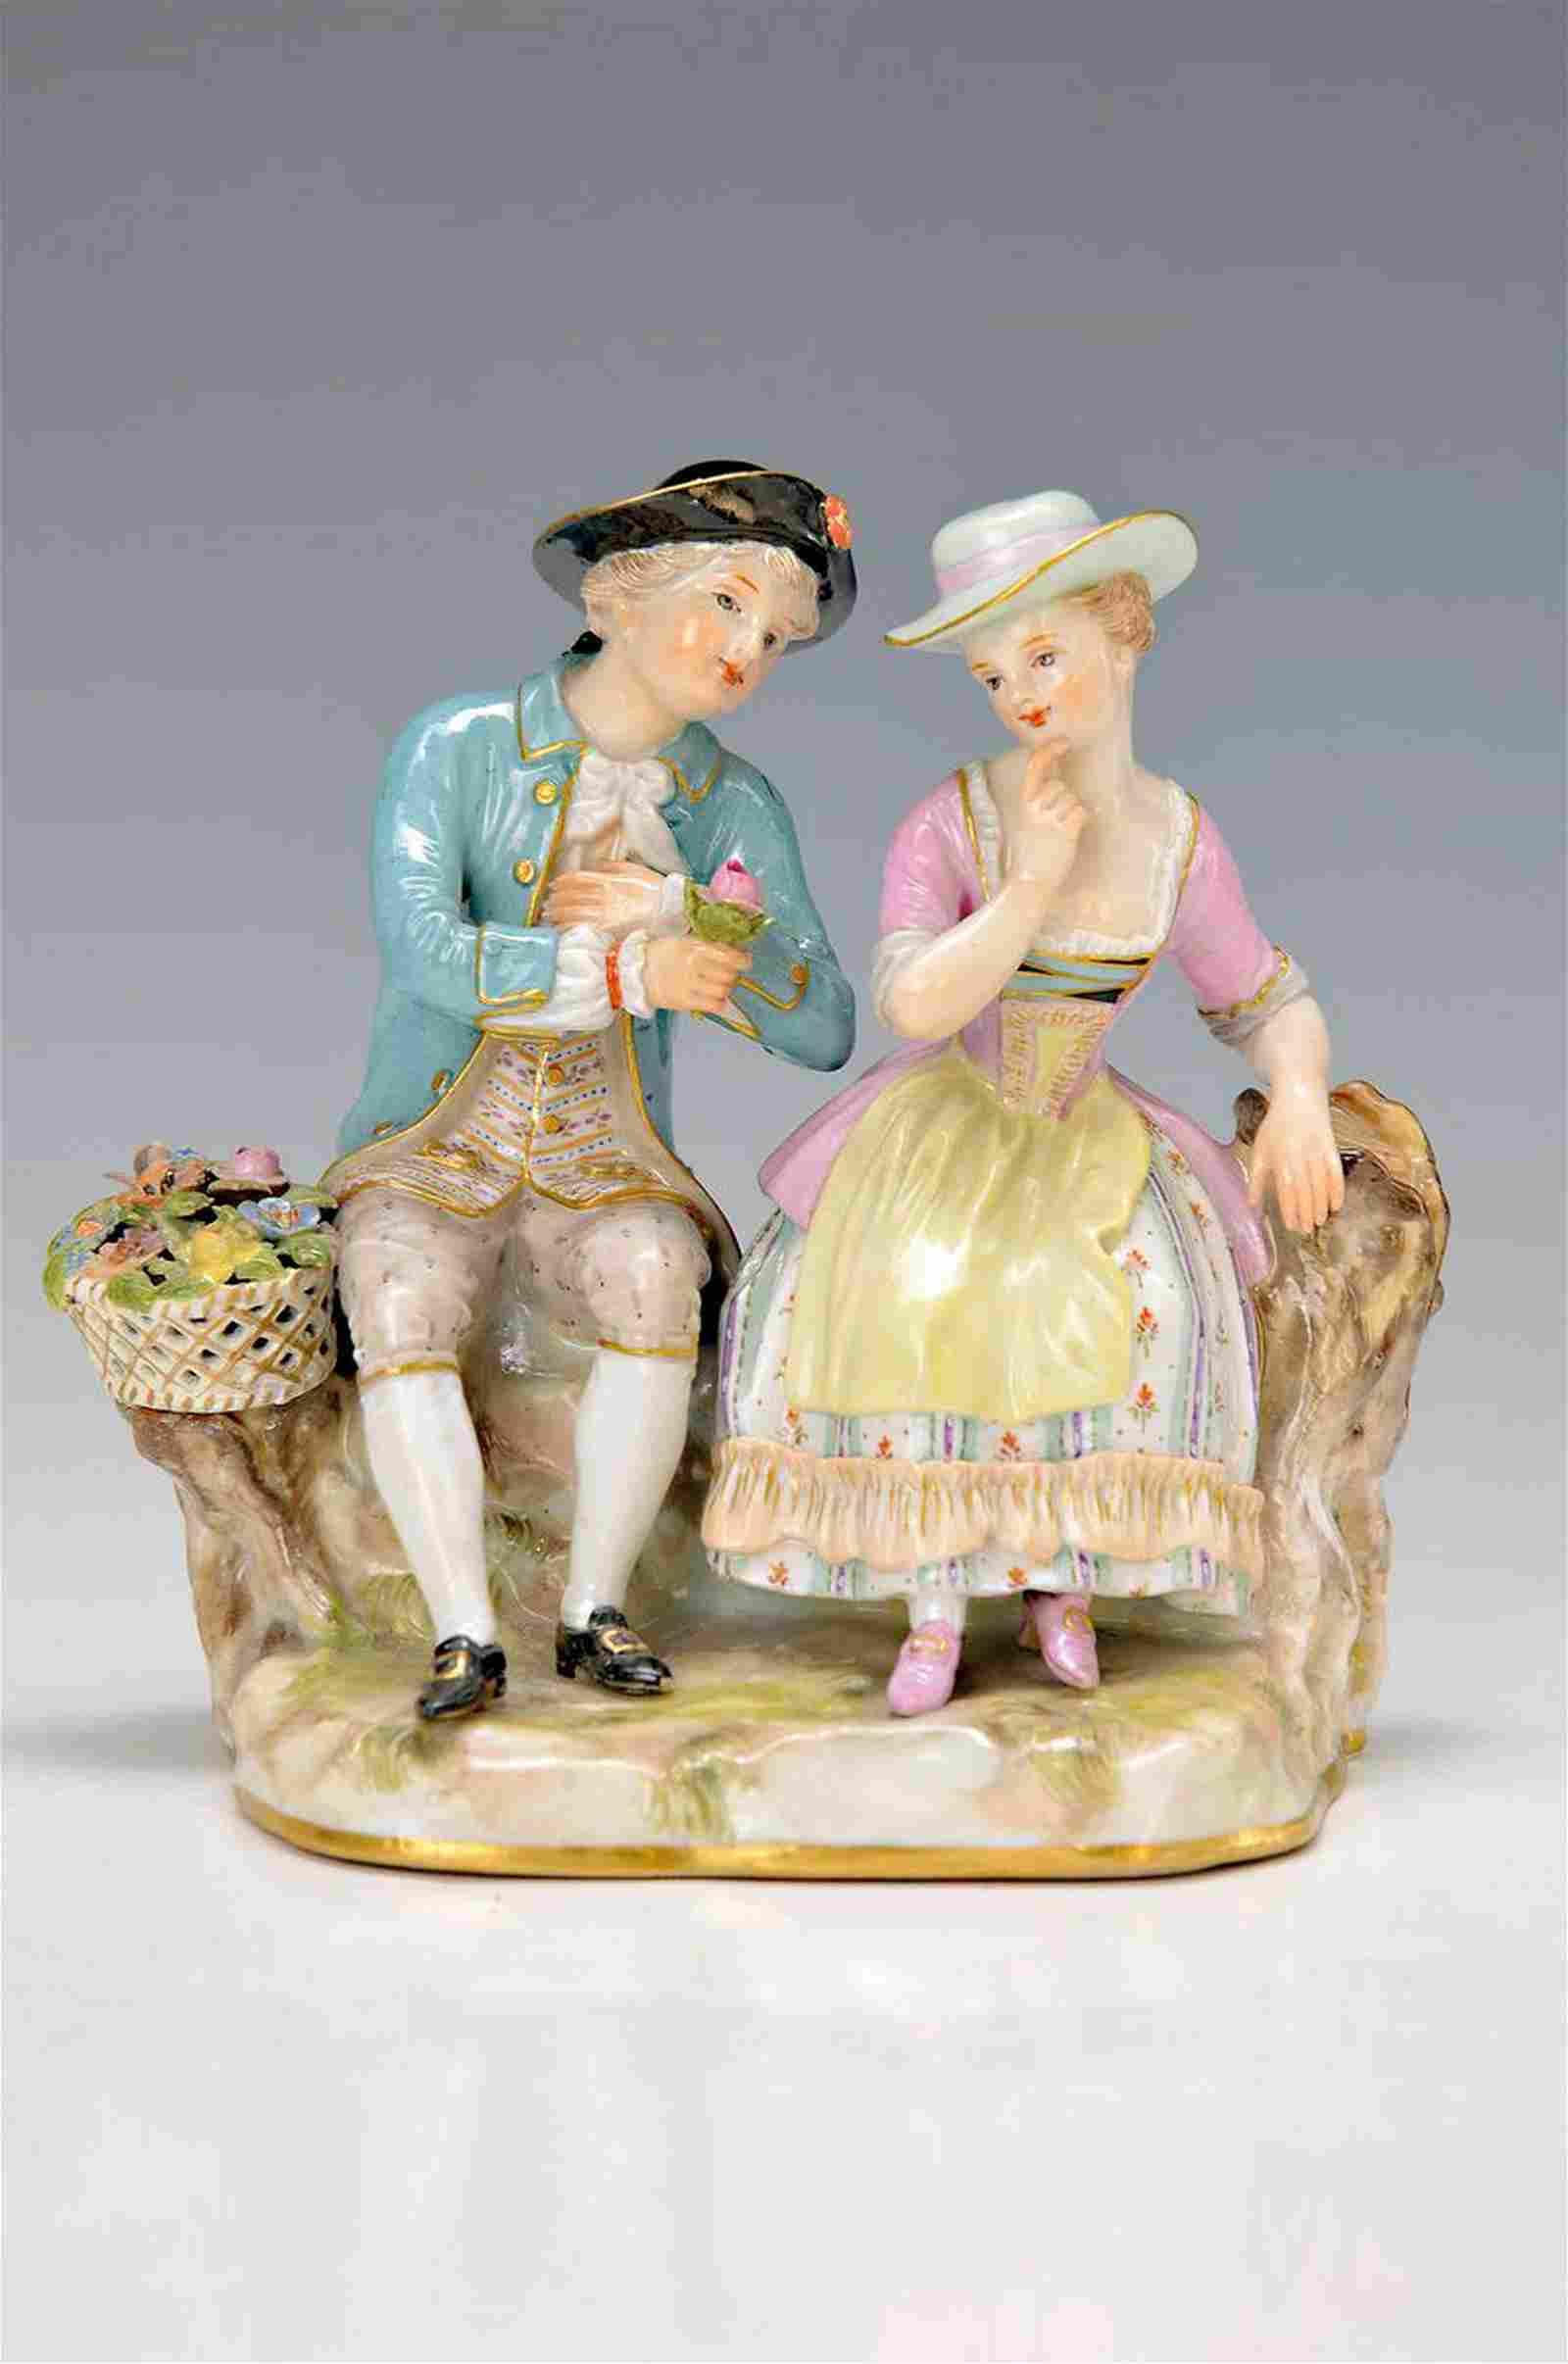 figurine, Meissen, around 1880-90, couple in garden